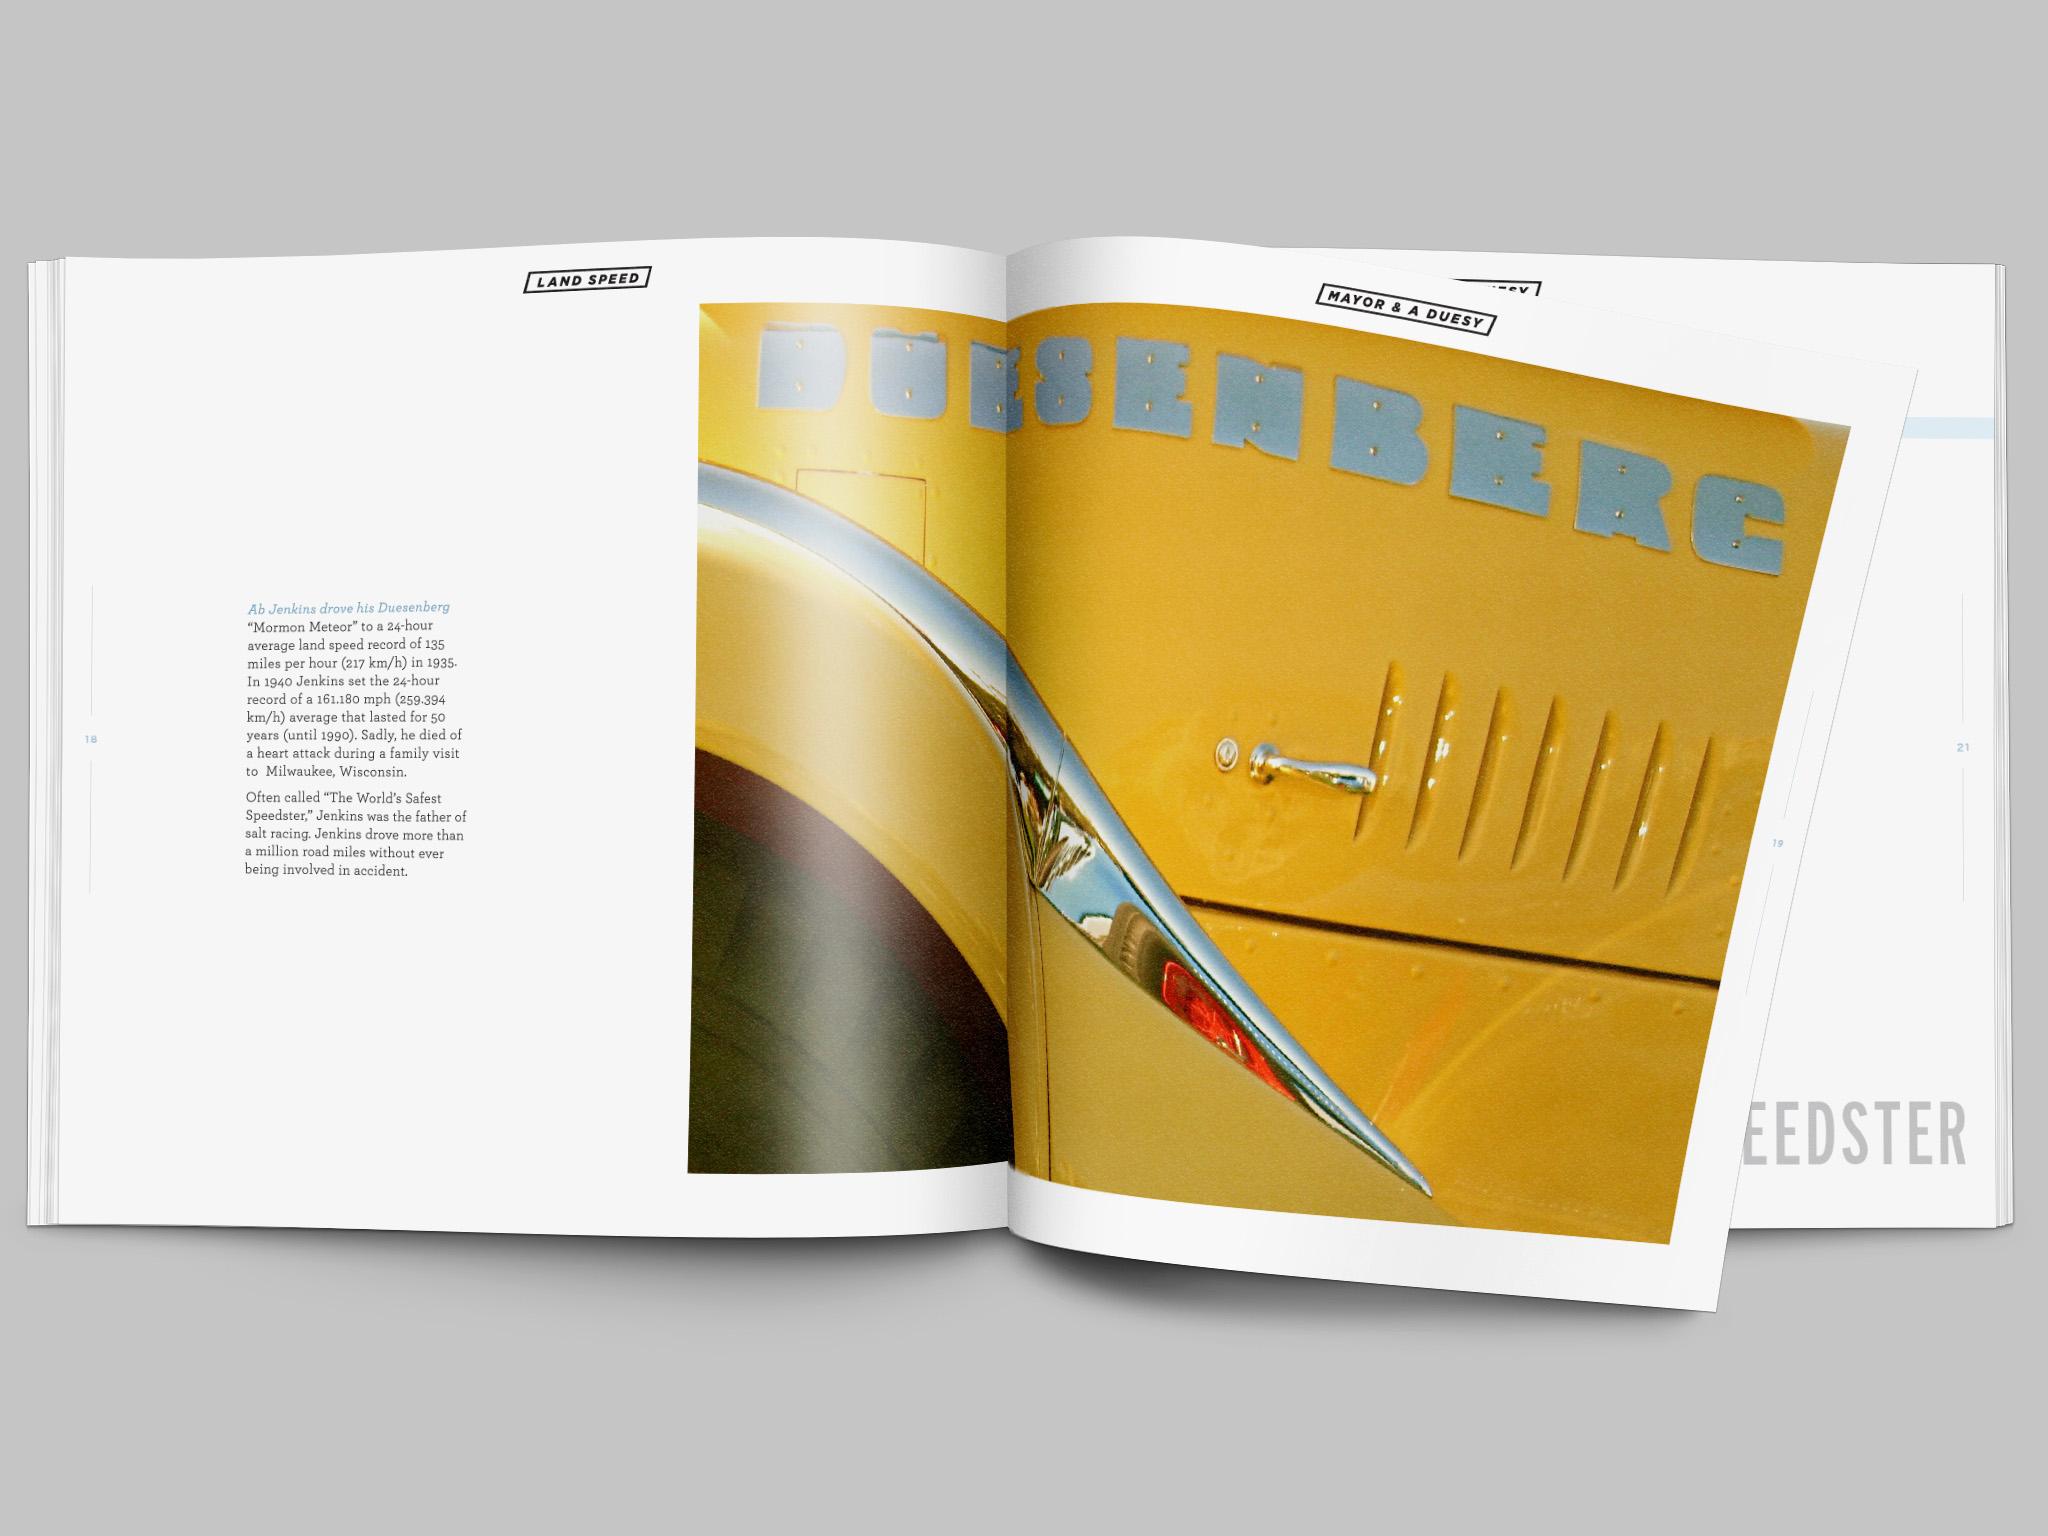 landspeed_horizontal_0000s_0010_landspeed_bookmockup.17.jpg